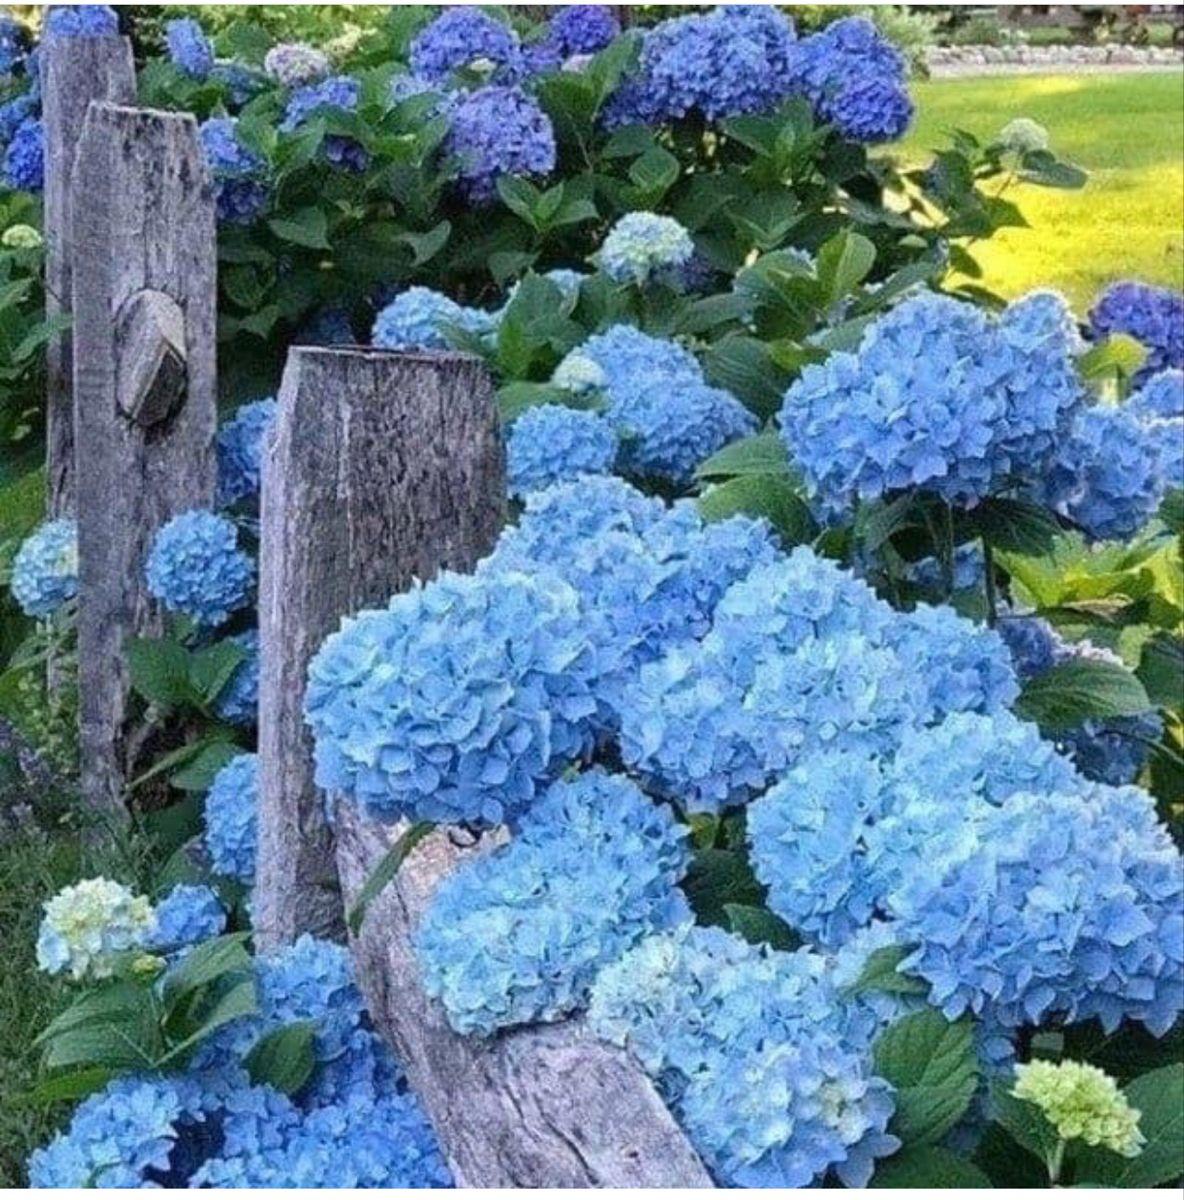 Hydrangeas For Sale In 2020 Hydrangeas For Sale Flowers For Sale Buy Hydrangeas